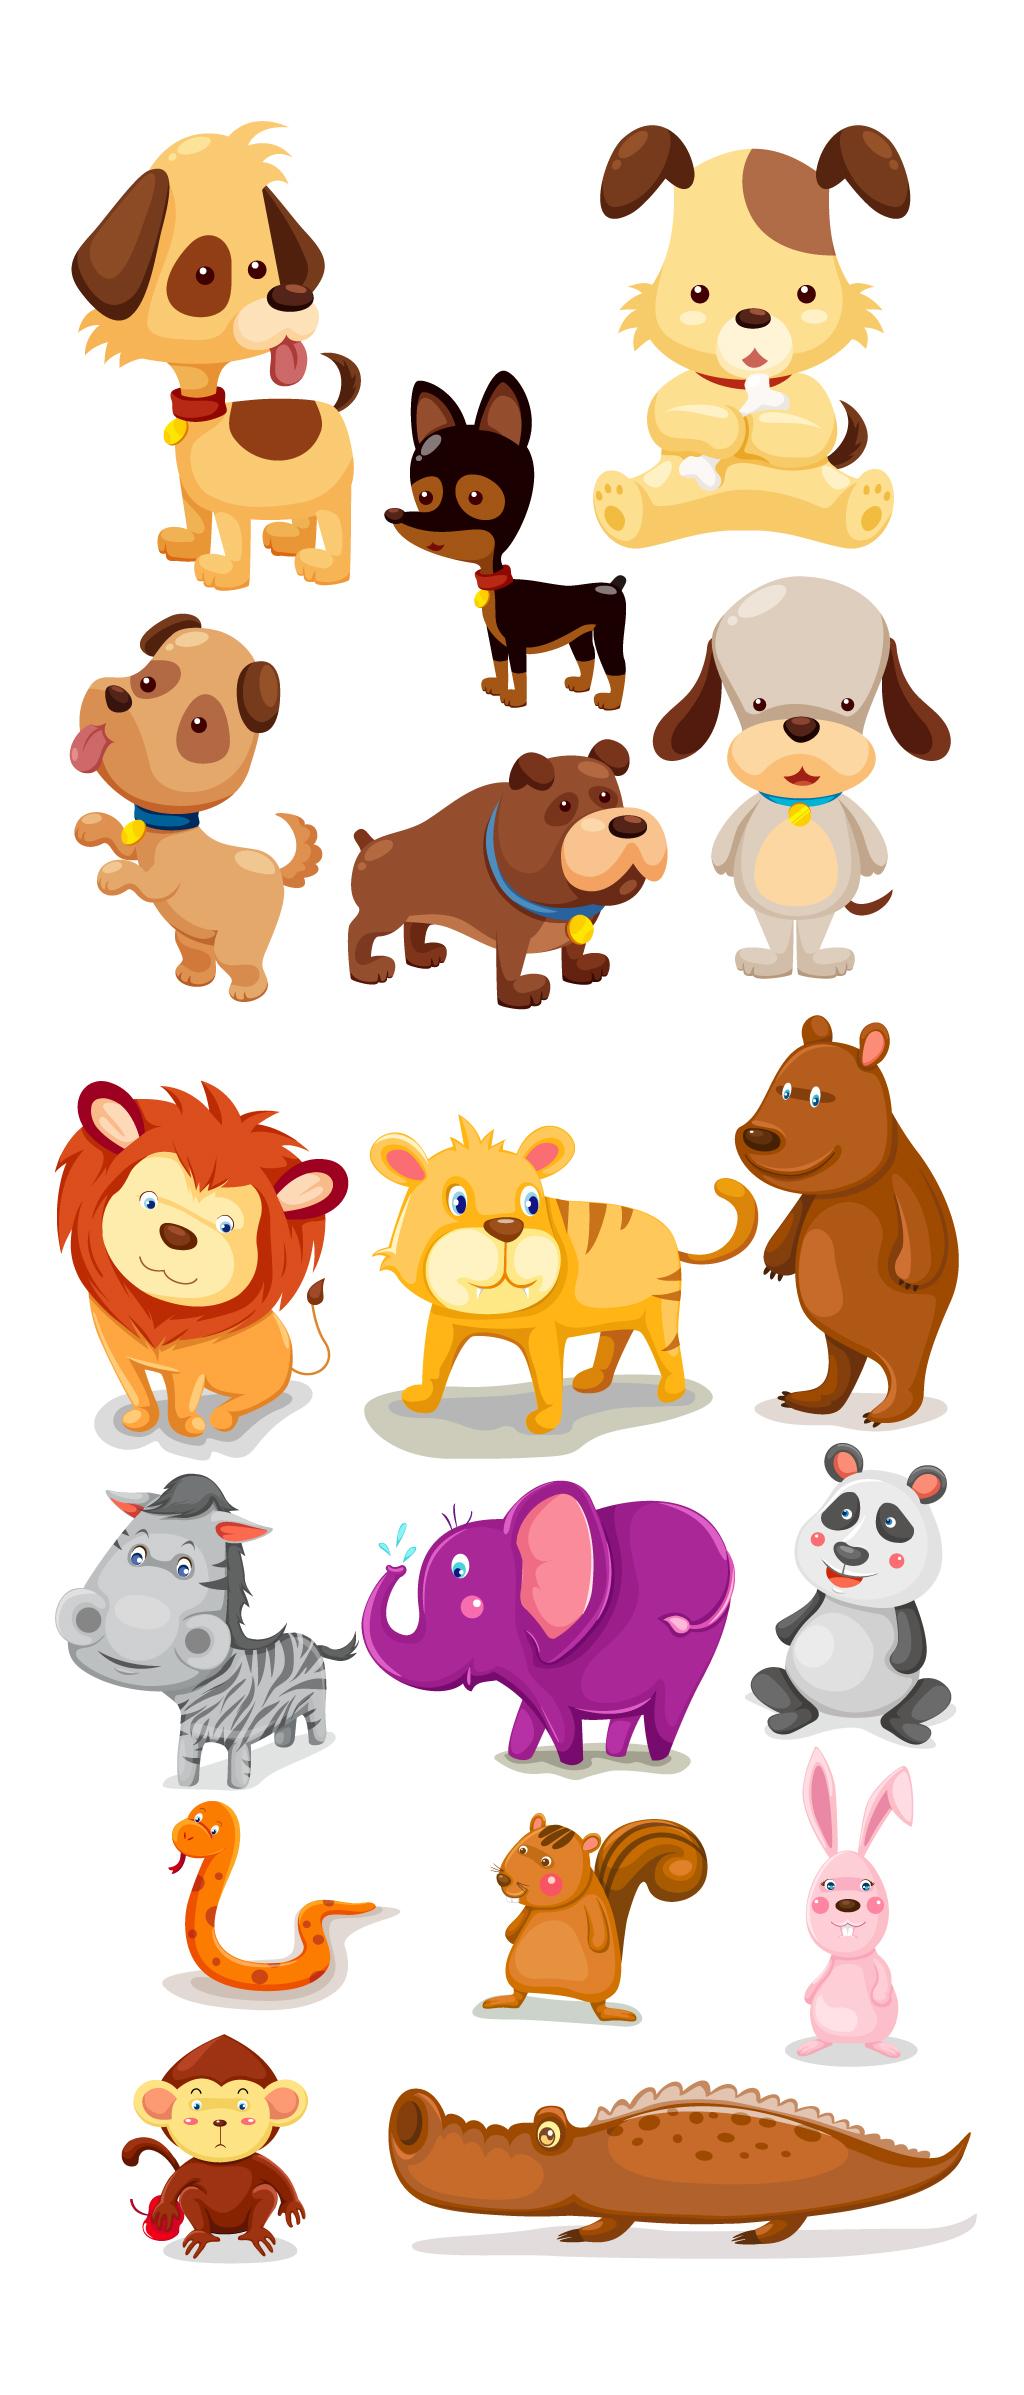 手绘小动物集合陆地动物效果小狗狮子蛇图片